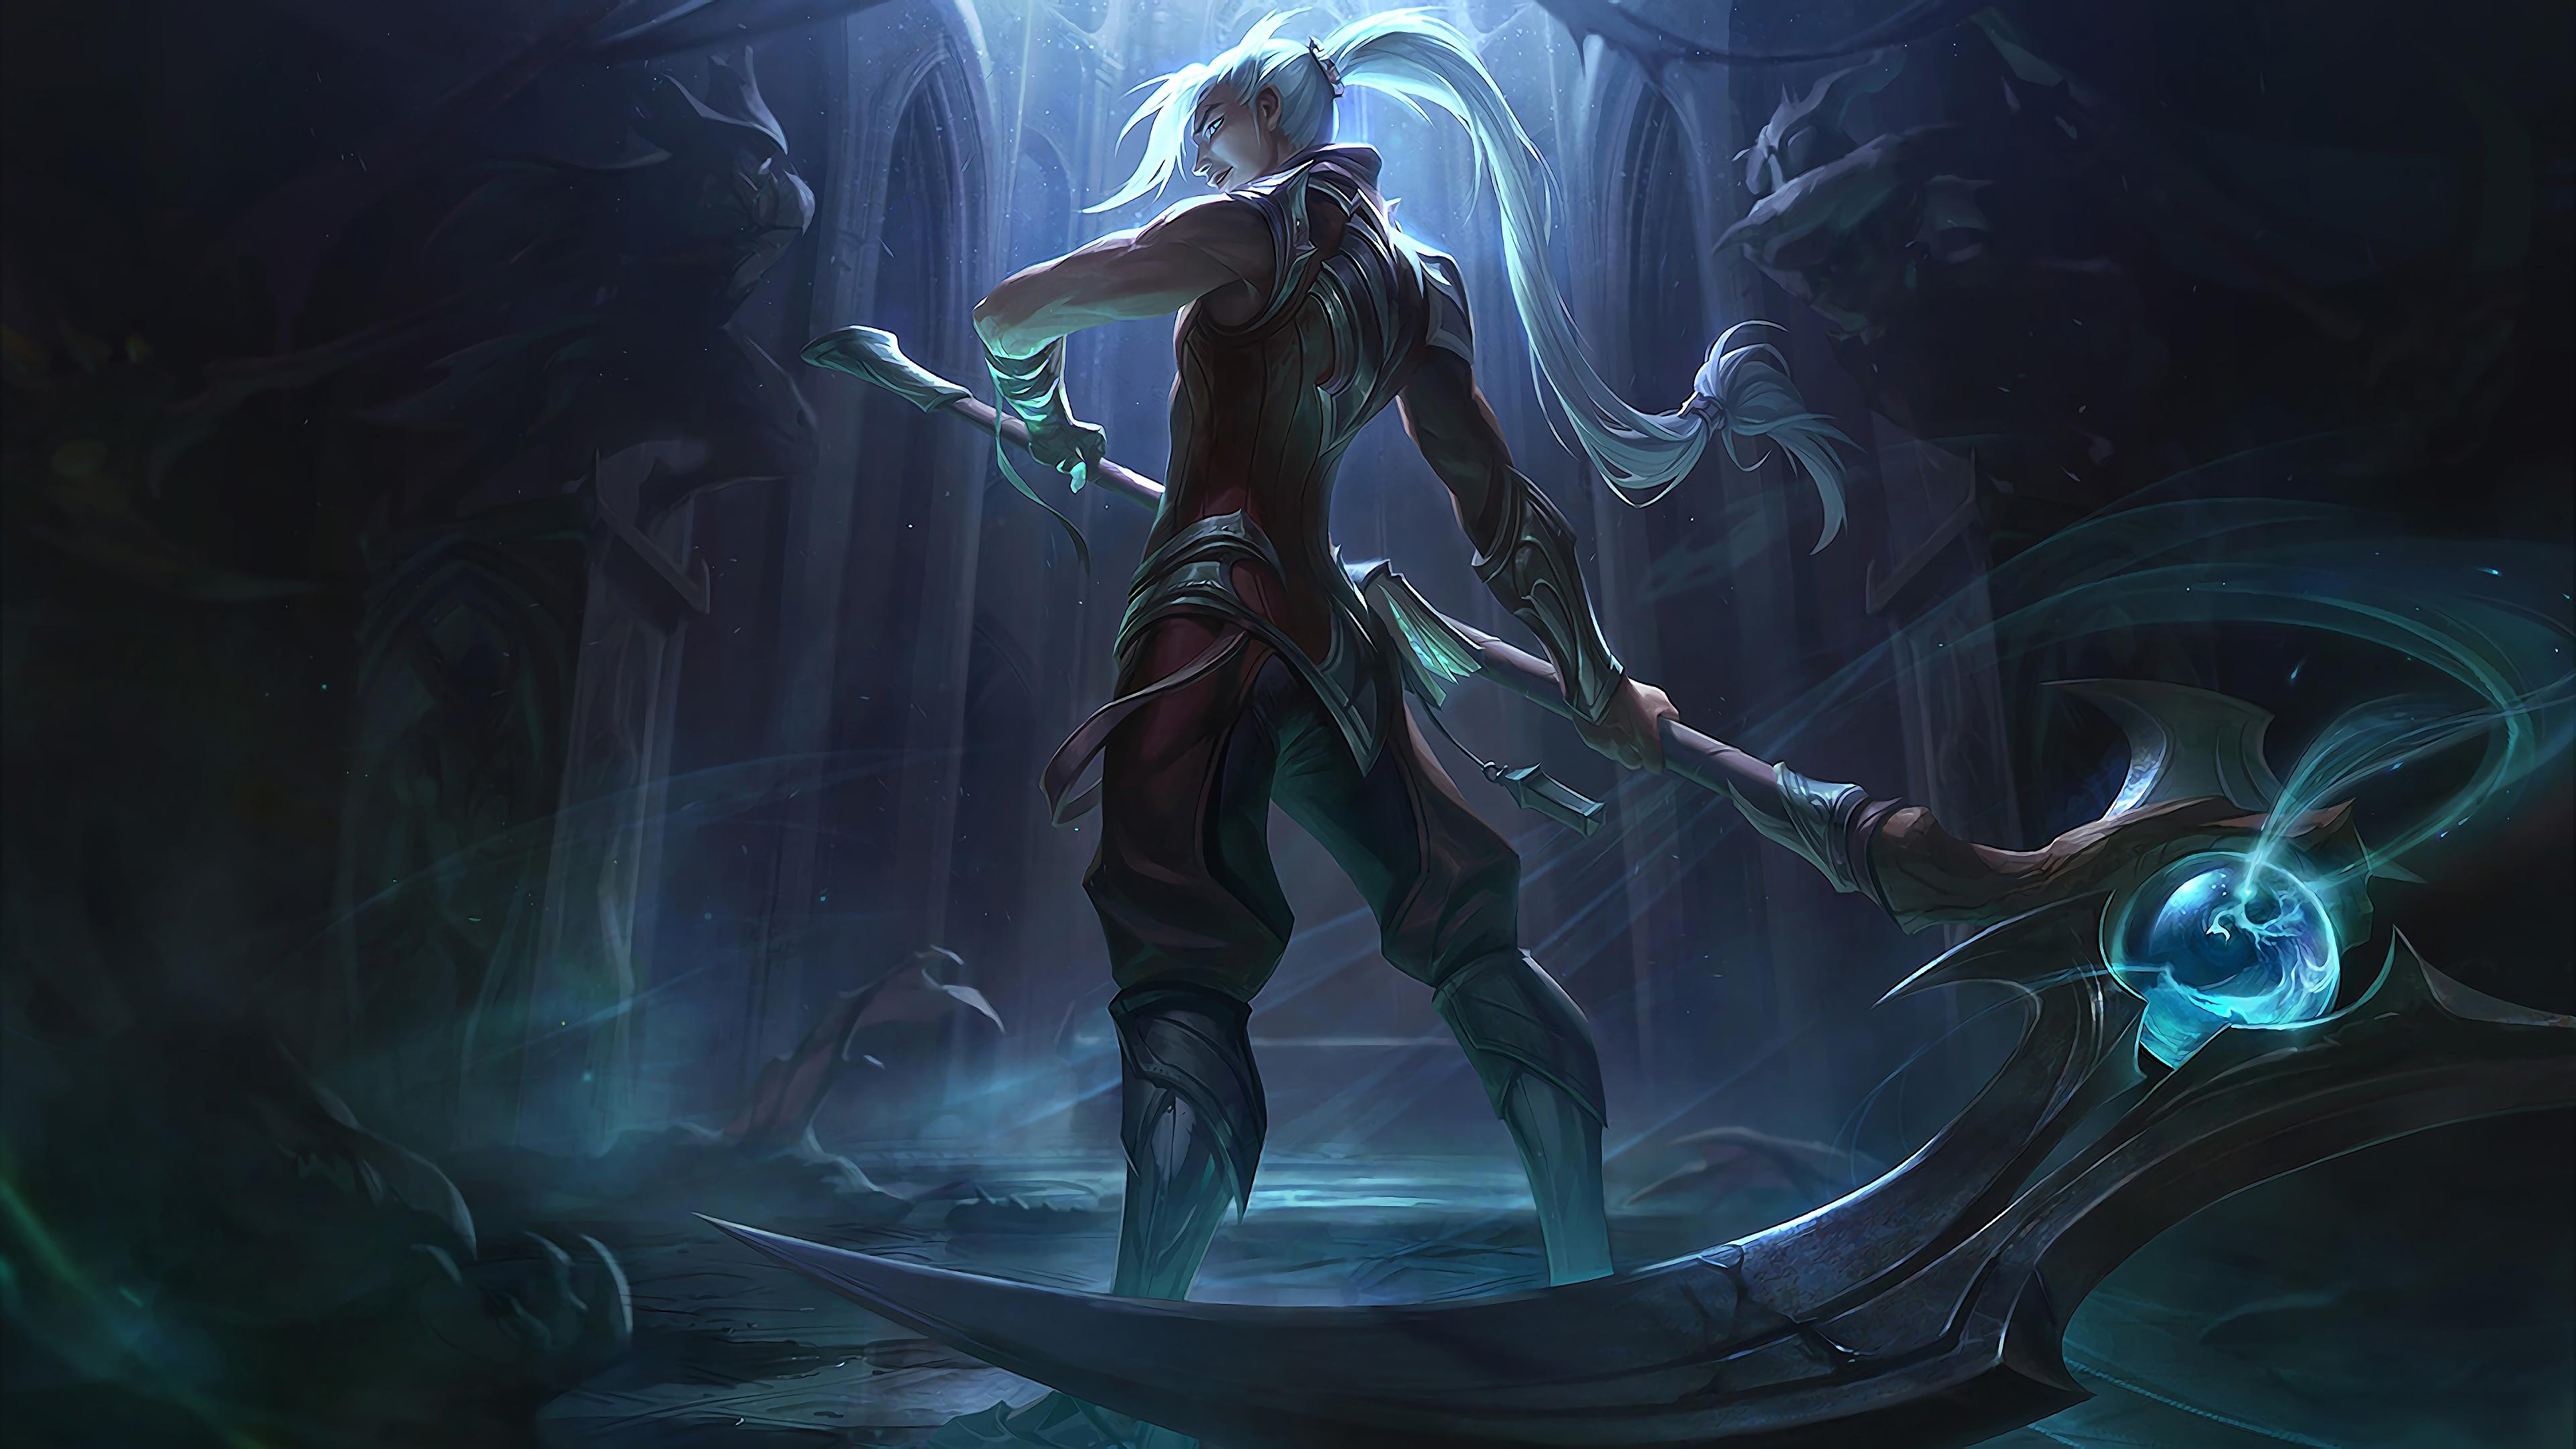 soulhunter kayn lol splash art league of legends lol 1574102801 - Soulhunter Kayn LoL Splash Art League of Legends lol - league of legends, Kayn